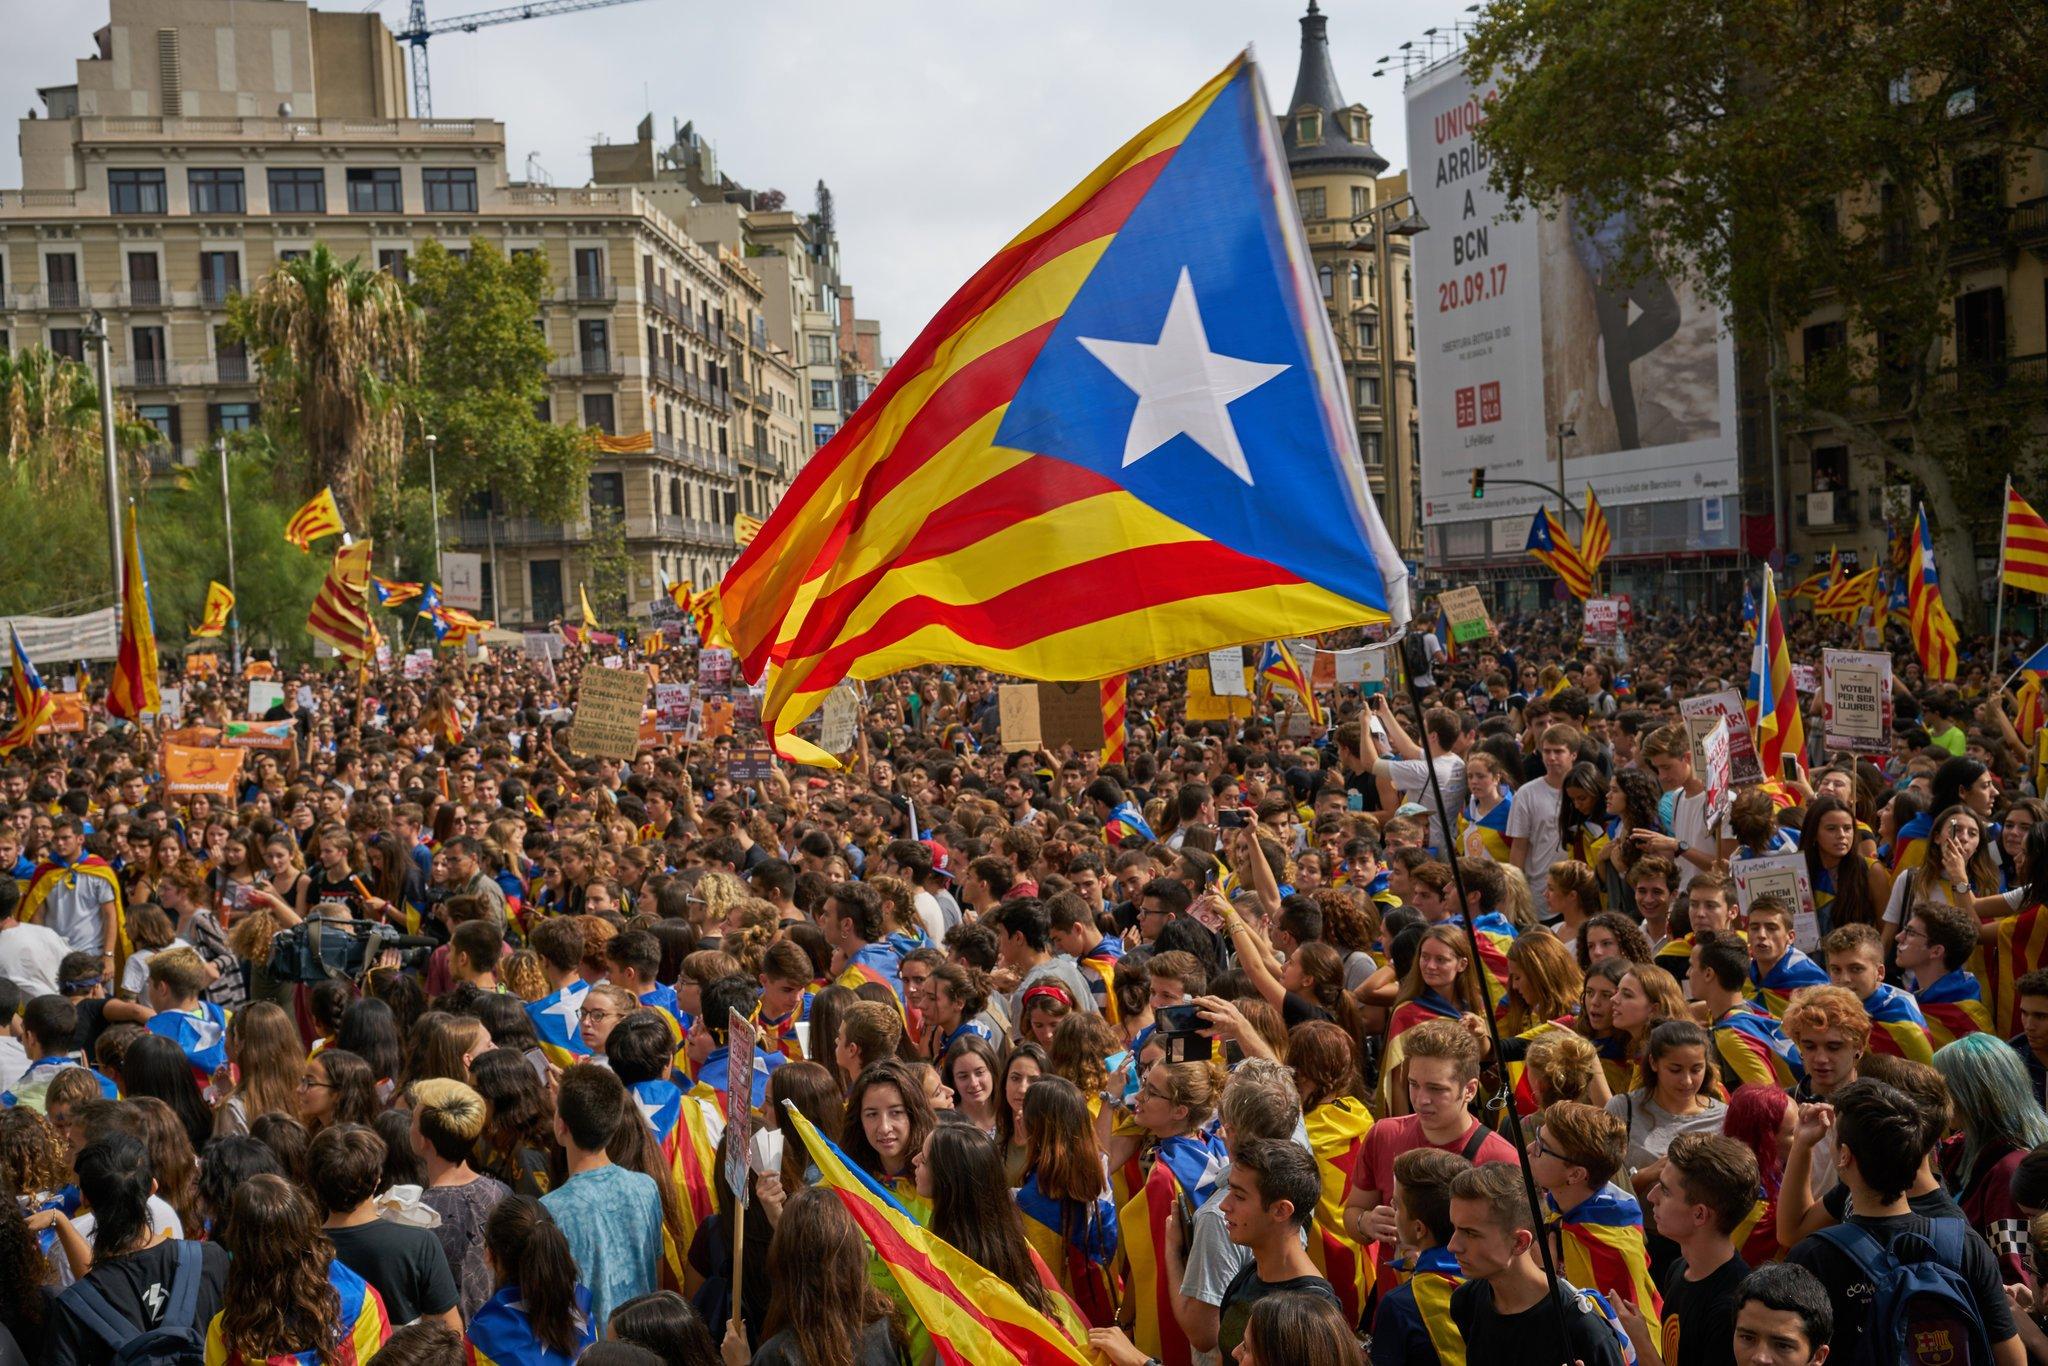 Καταλανοί και Κούρδοι αντιμέτωποι με τη σκληρή πραγματικότητα και τα επακόλουθα της απόσχισης